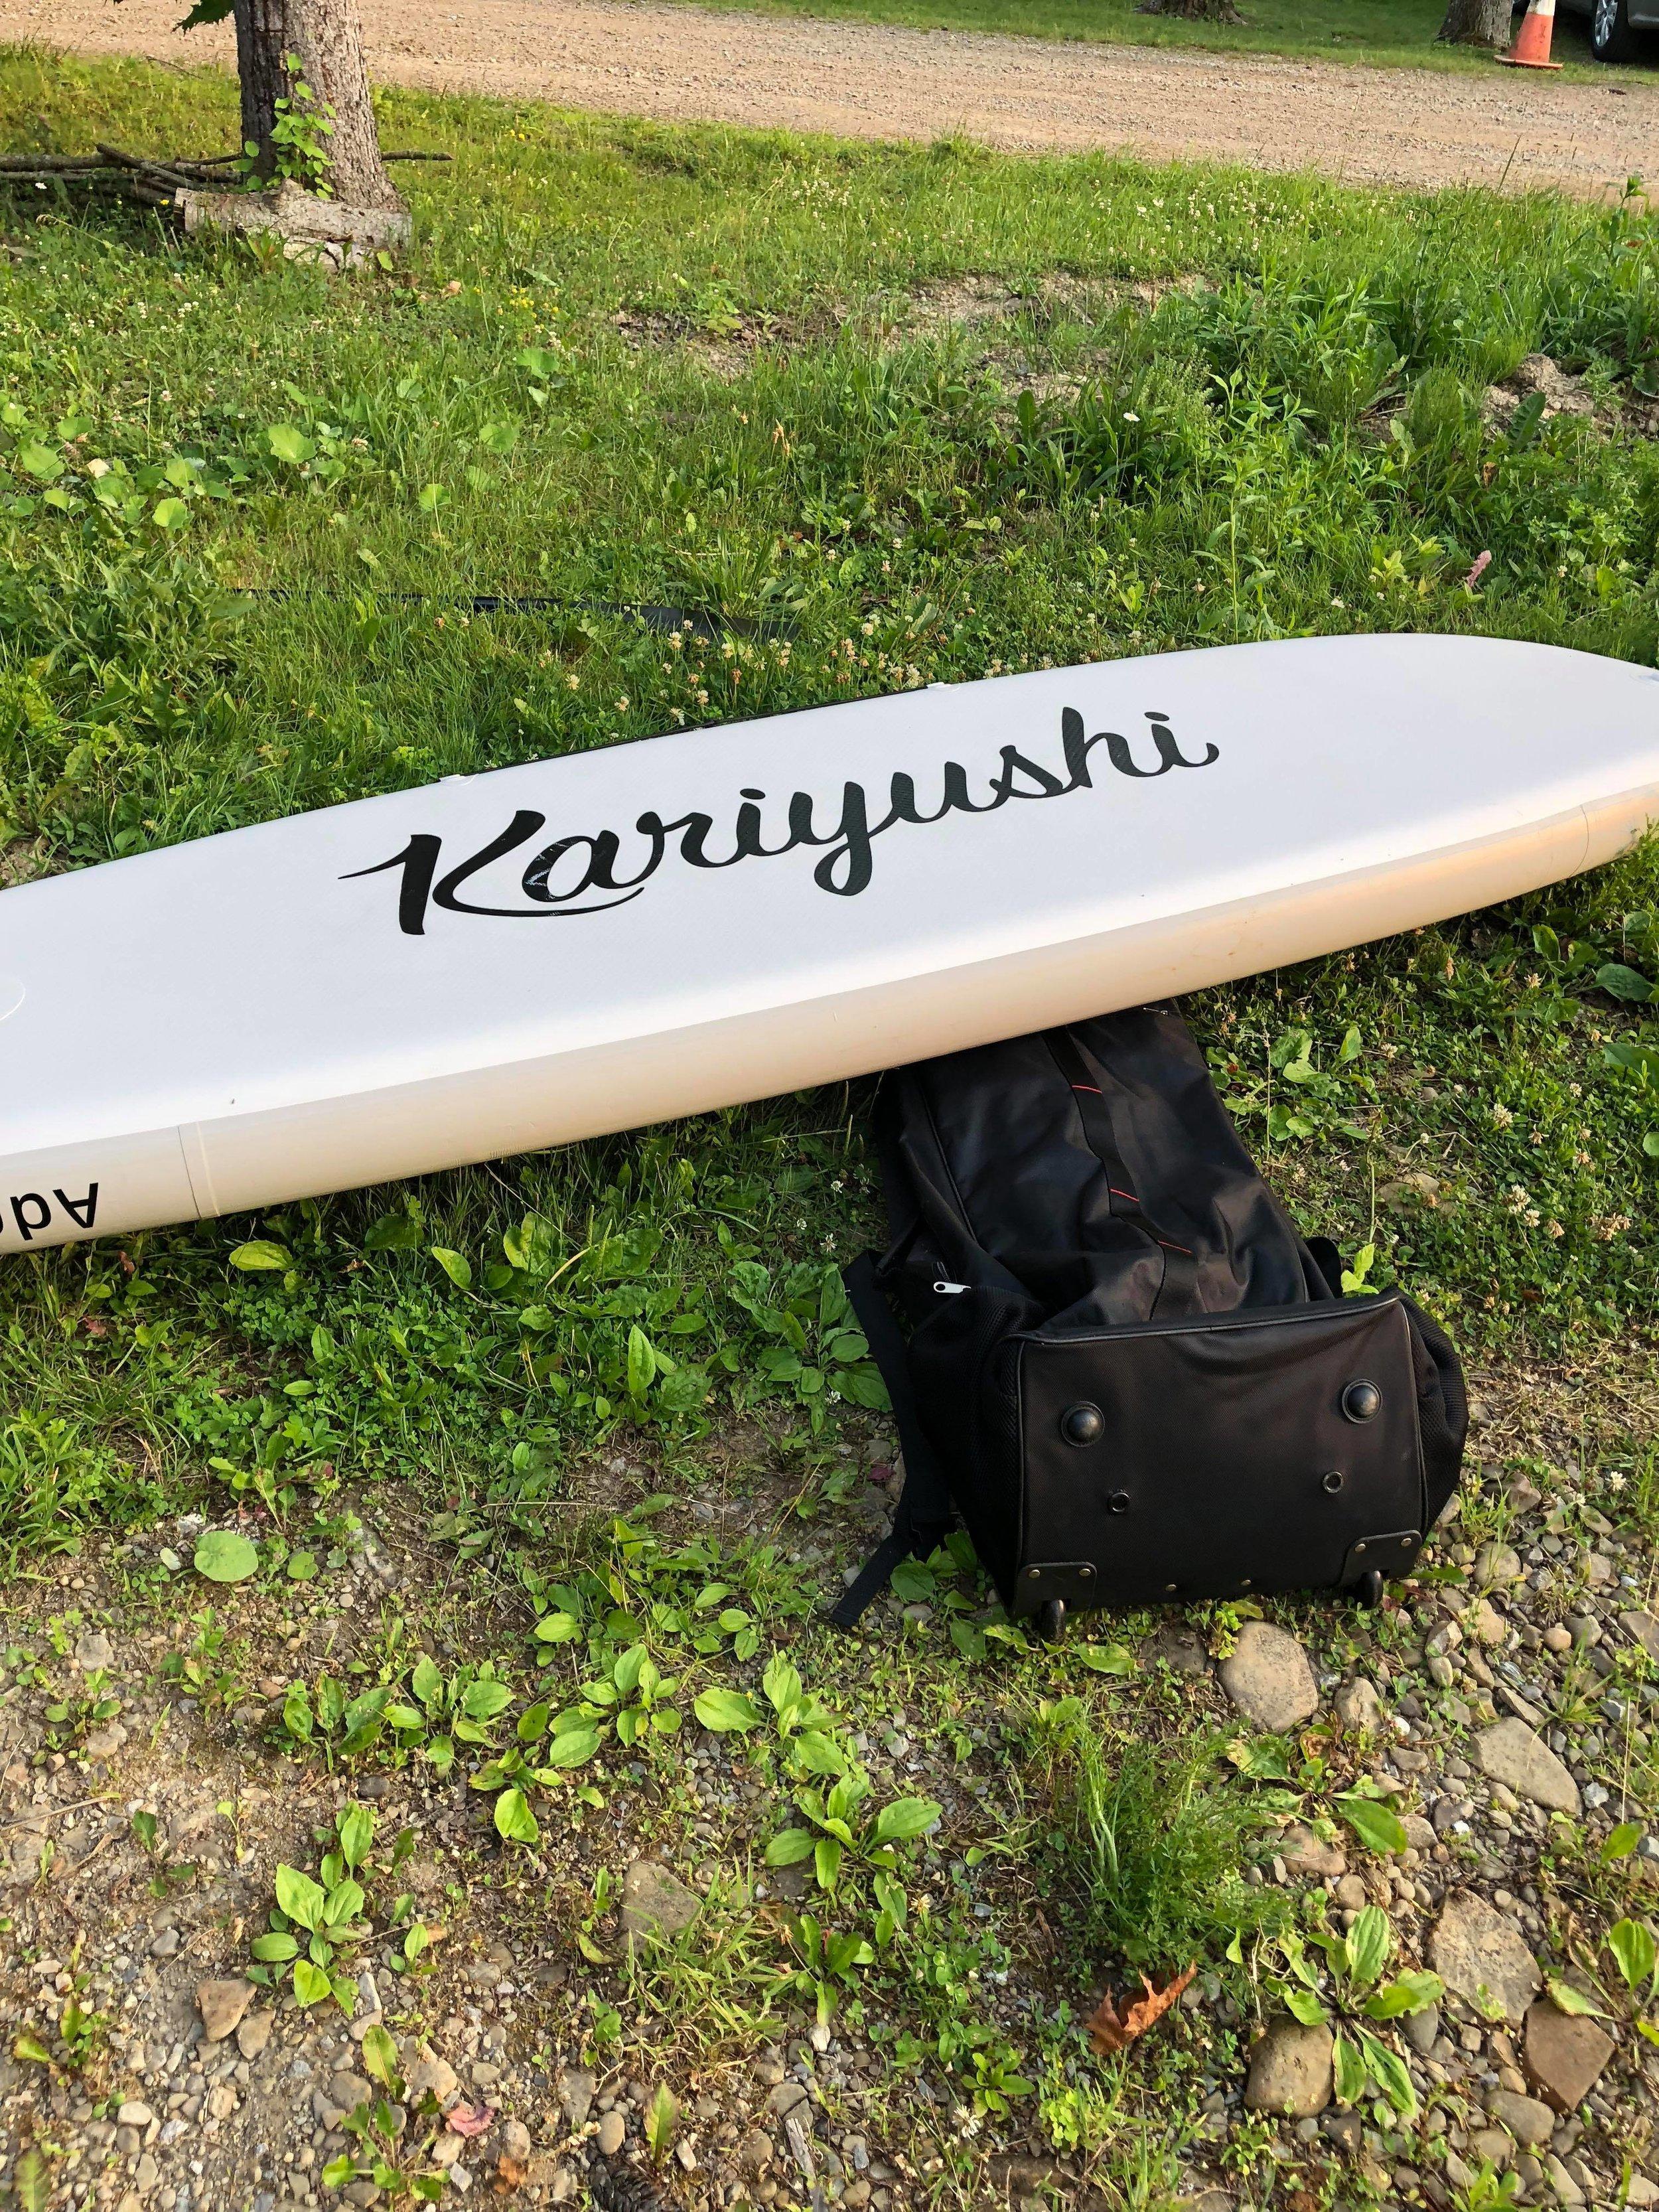 Kariyushi Bottom w:bag.jpg